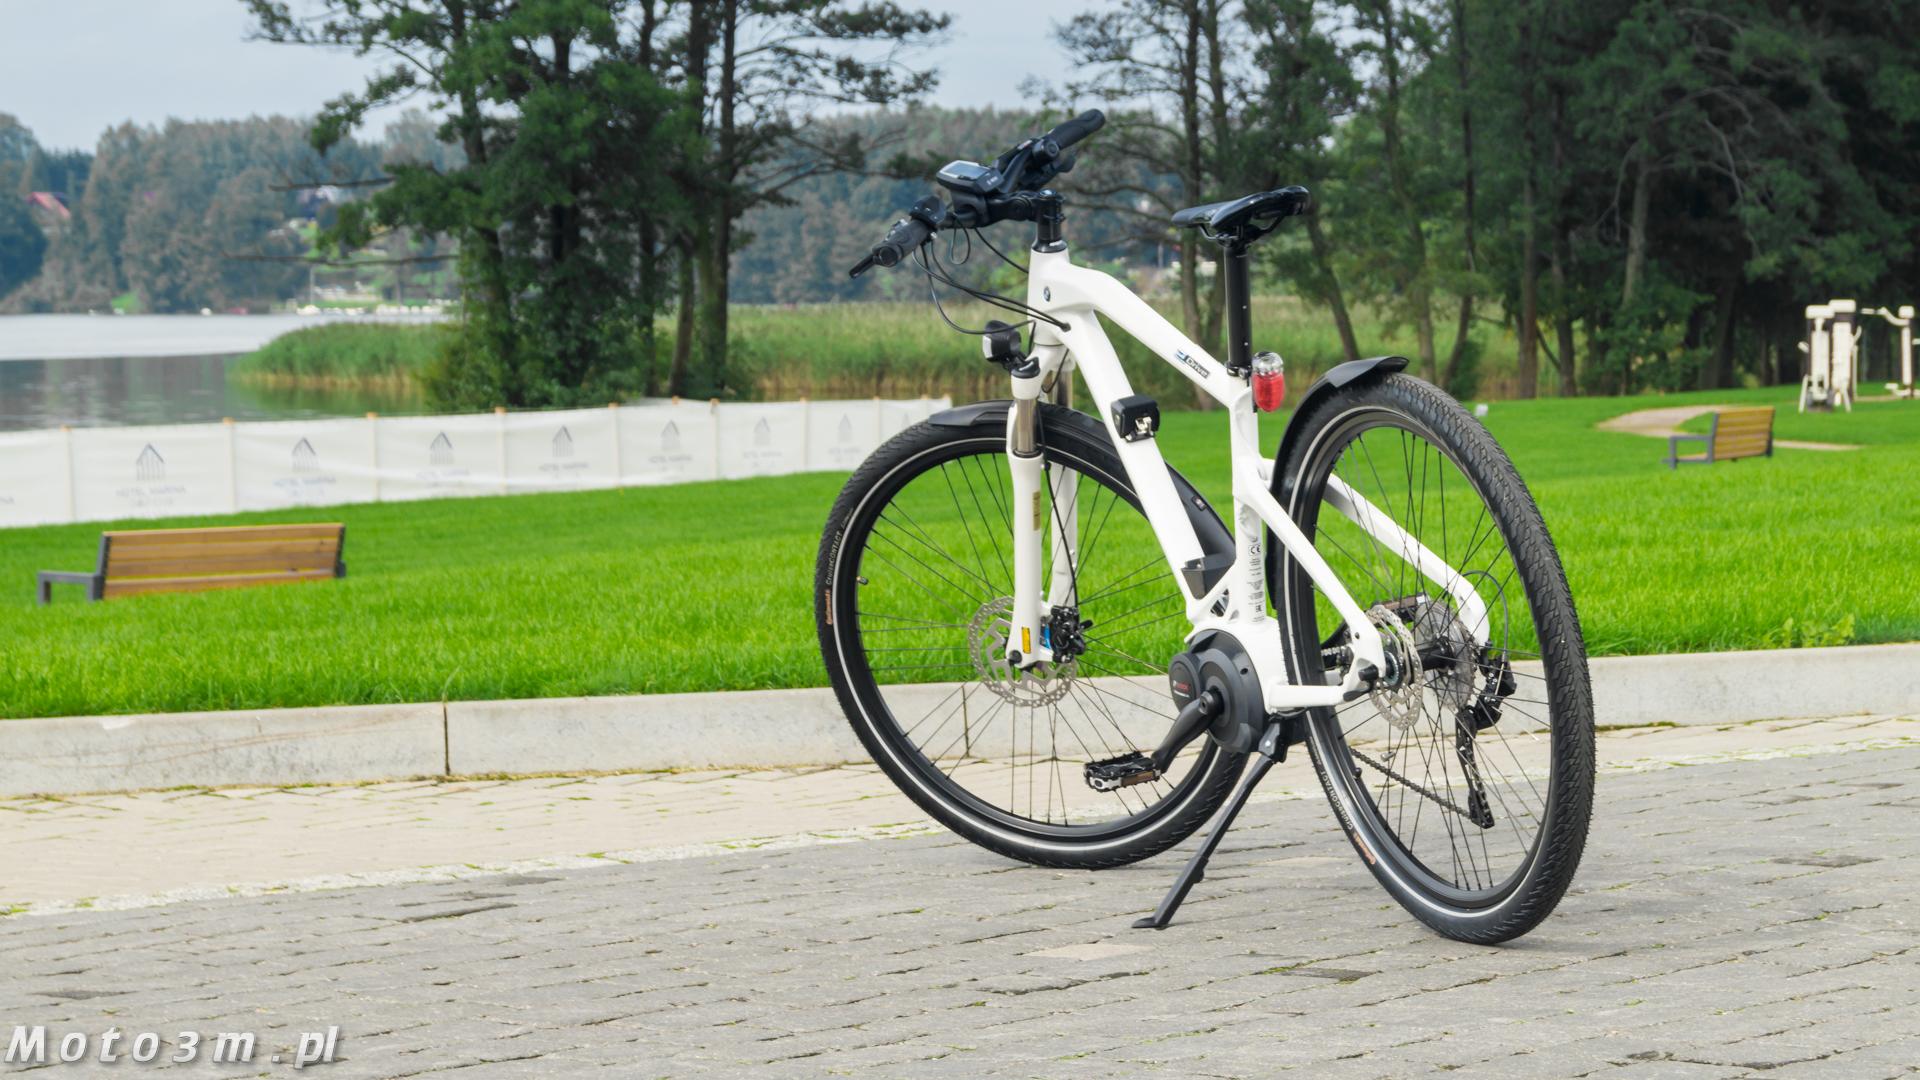 bmw cruise e bike czyli rower z elektrycznym nap dem. Black Bedroom Furniture Sets. Home Design Ideas